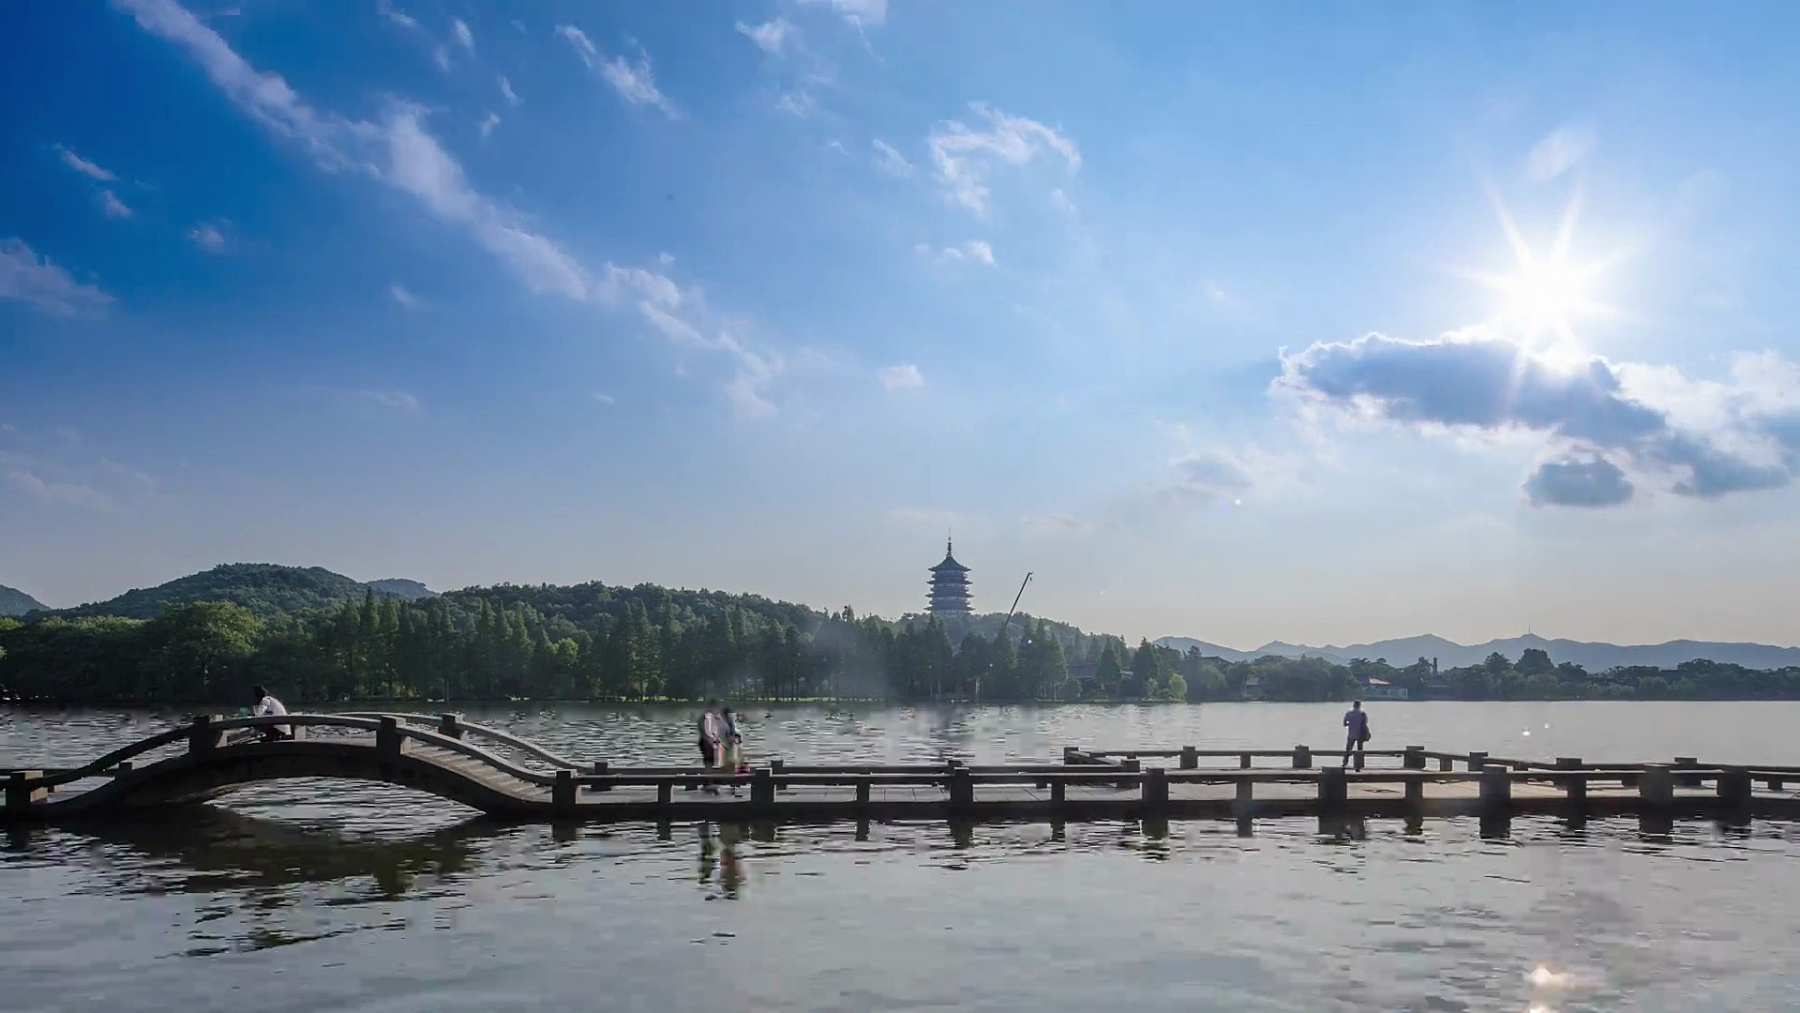 桥在西湖,山与塔在蓝天。时间间隔